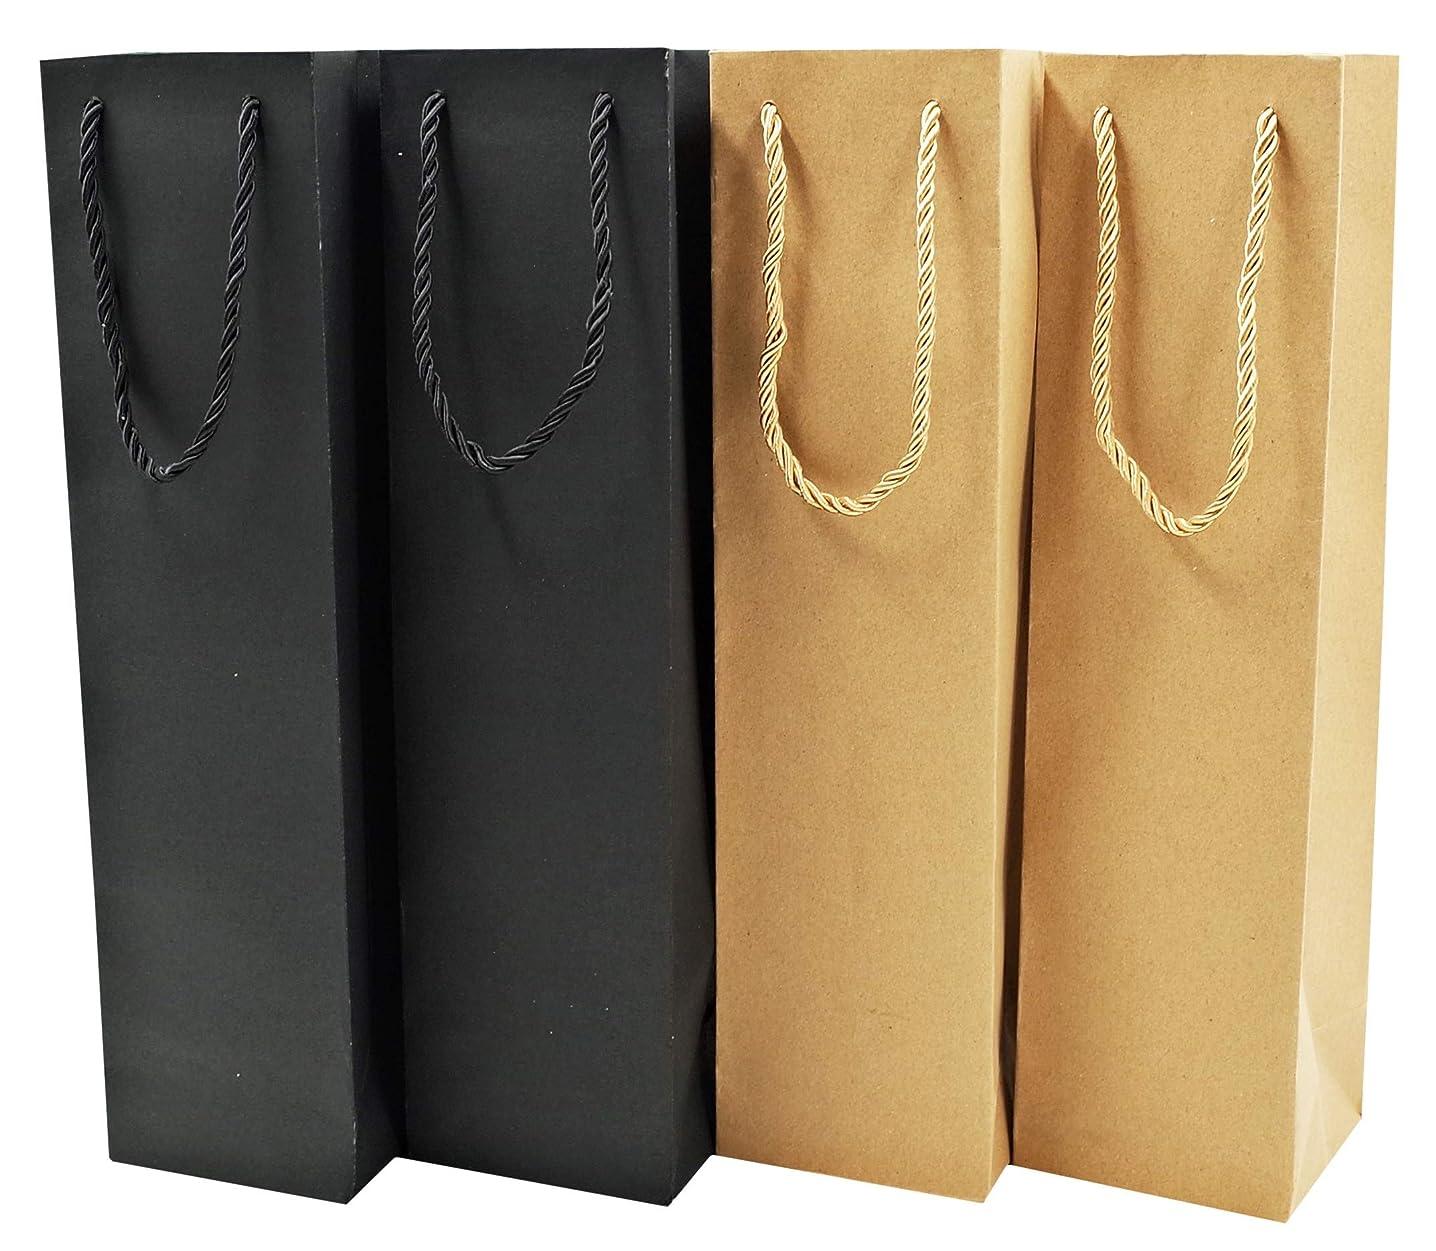 思い出すドキュメンタリー食べるZERONOWA ワイン用 手提げ袋 紙袋 ボトルバッグ プレゼント ギフト バッグ (黒2枚ベージュ2枚)